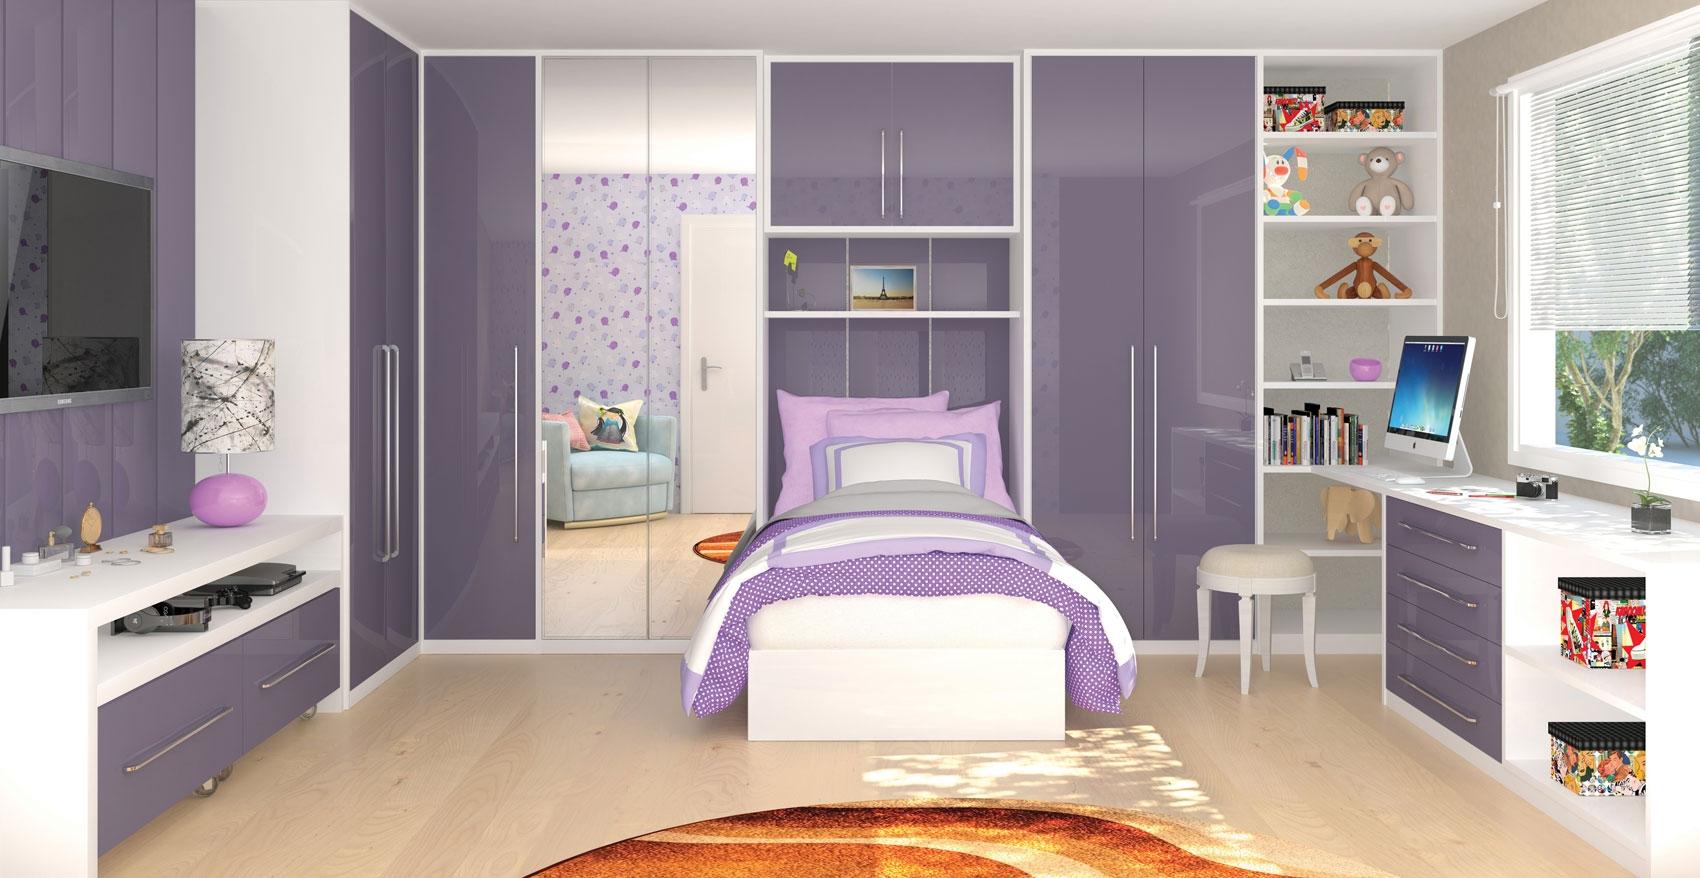 Dormitórios Planejados de Solteiro Preço na Cabuçu de Cima - Quartos Planejados